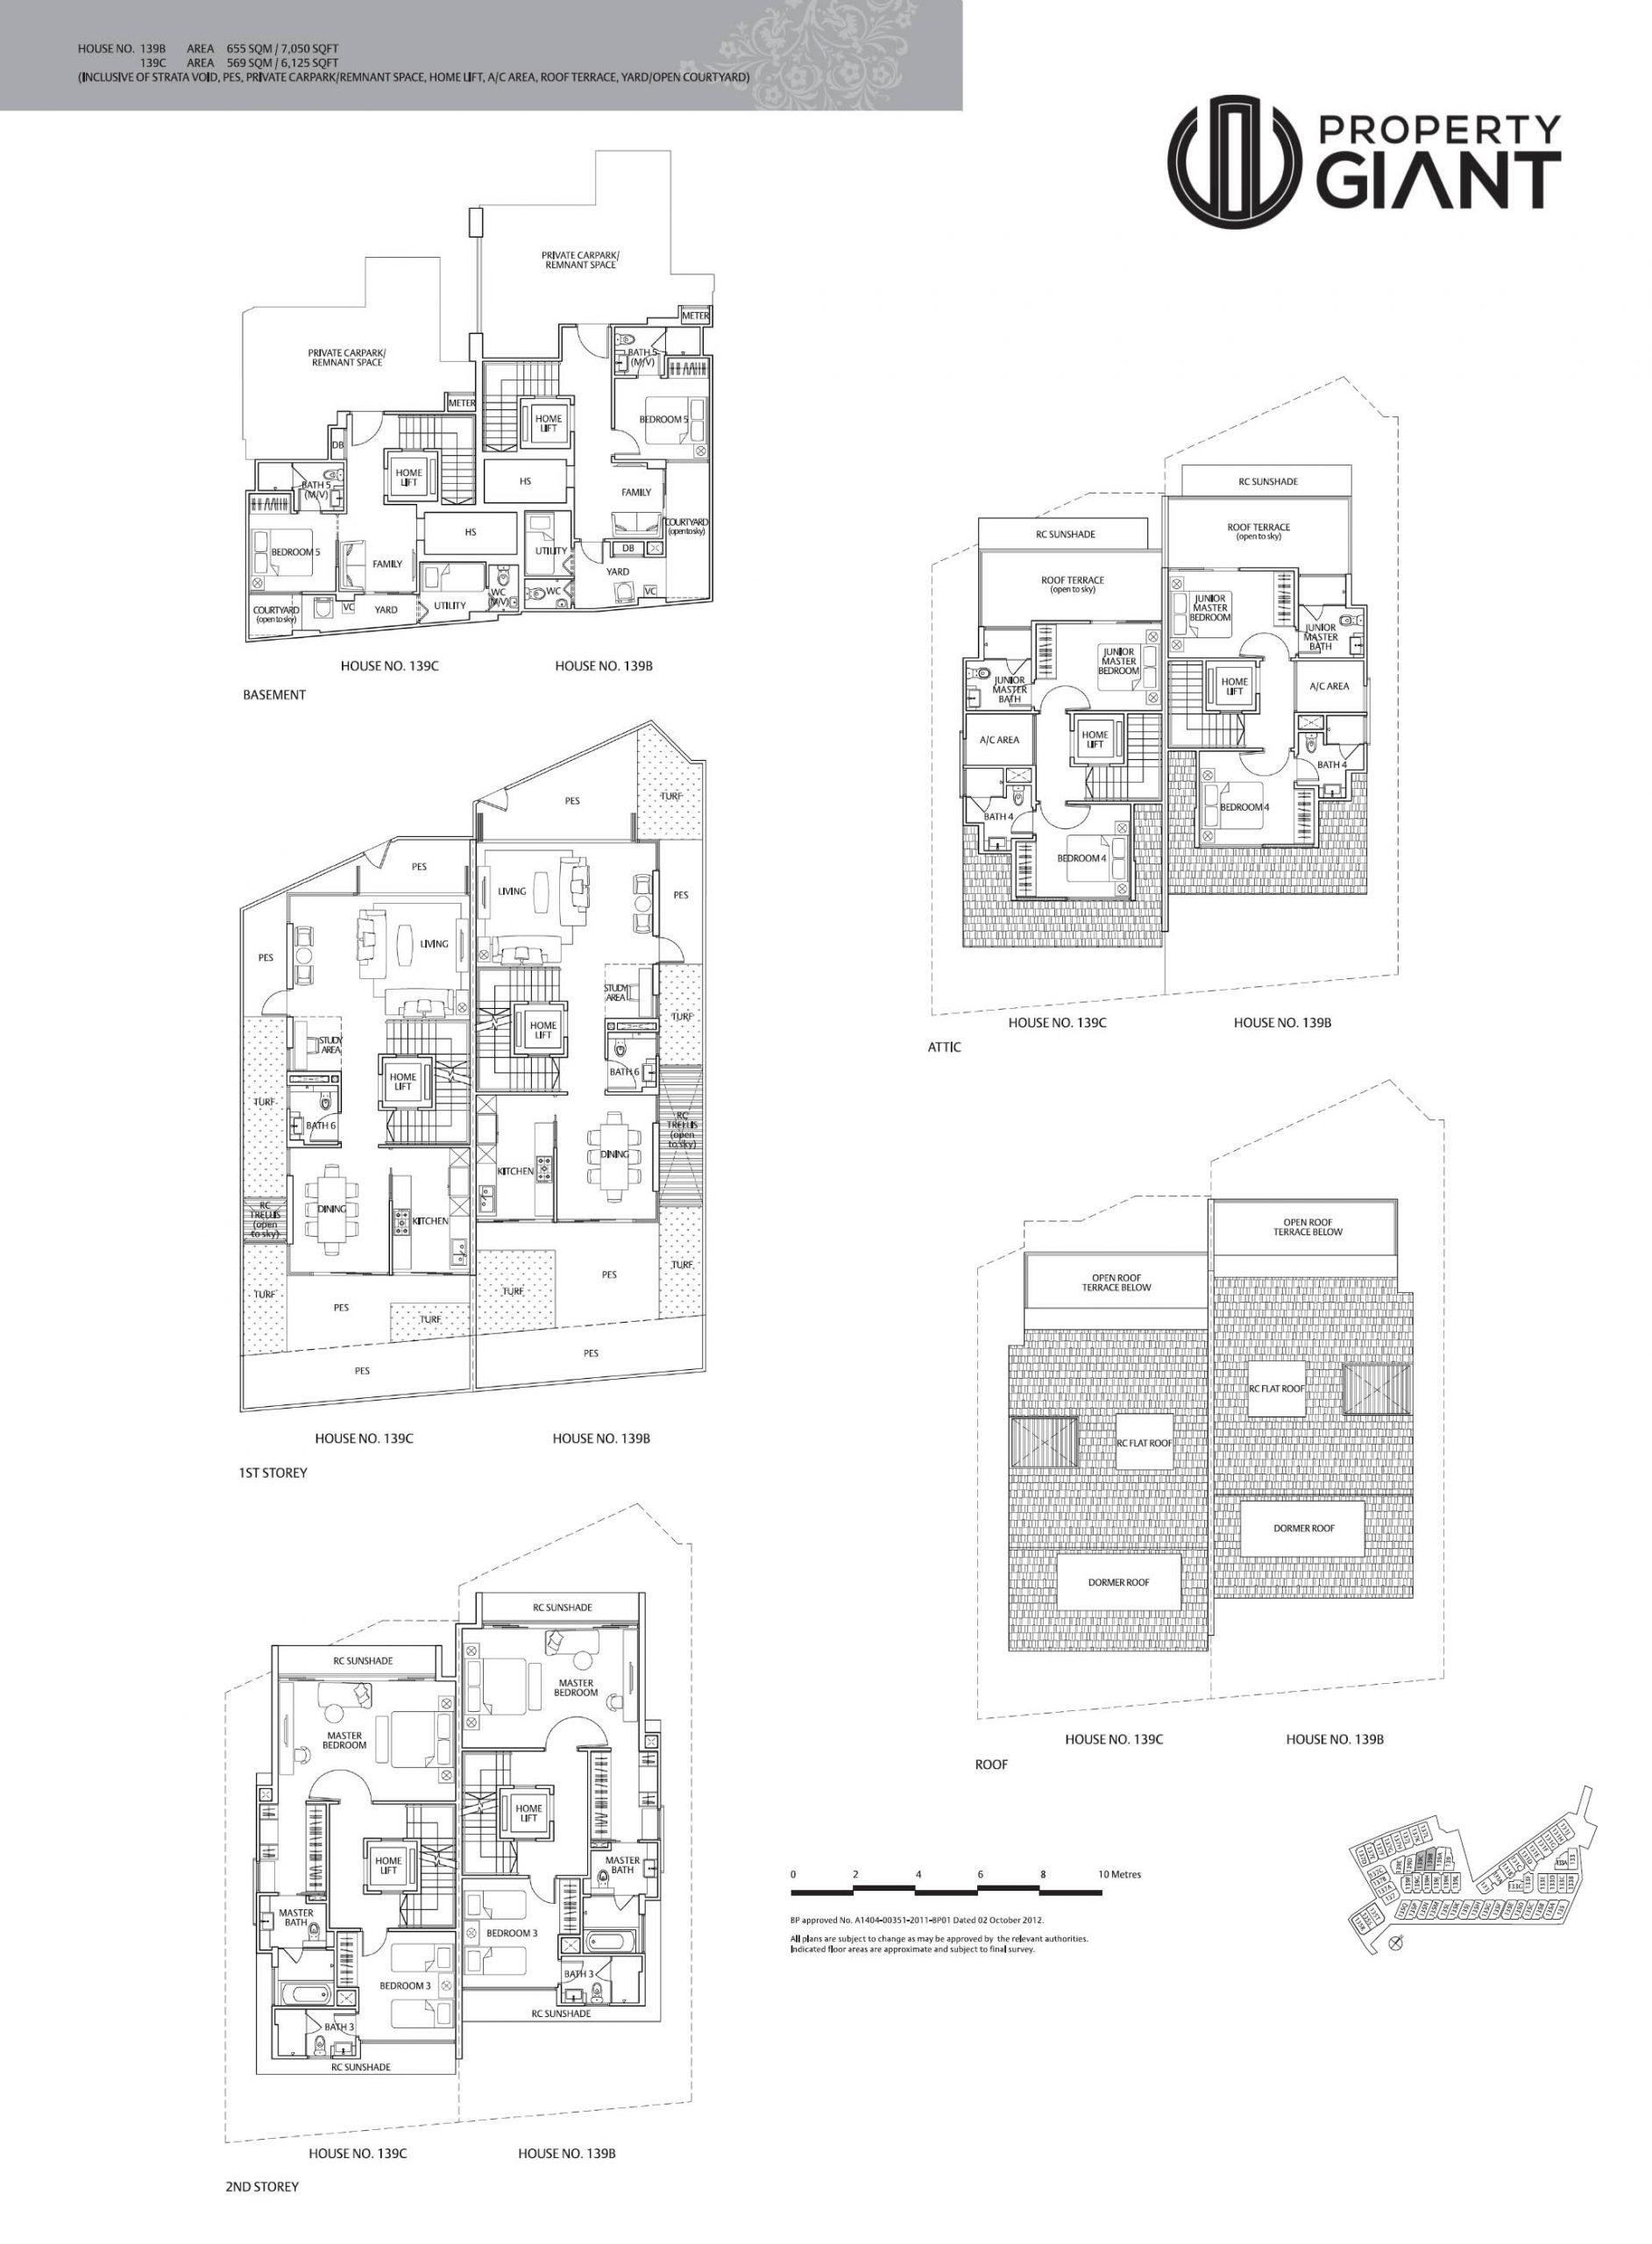 House No. 139C